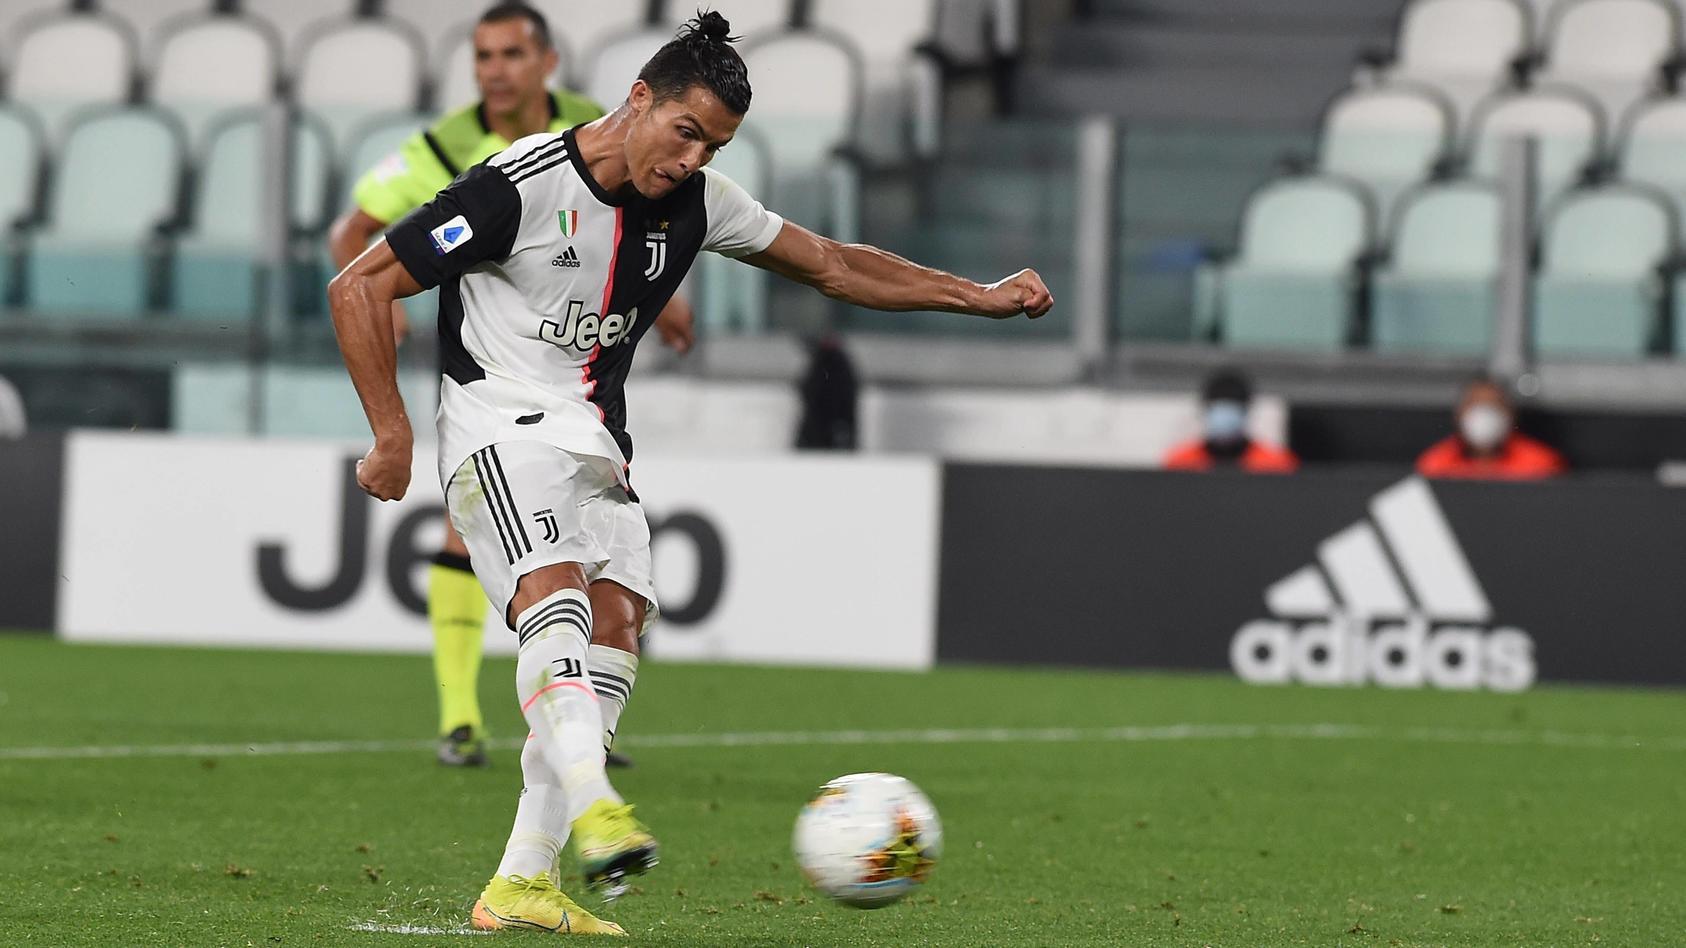 IPP20200627 Football - soccer: Serie A, Juventus Turin - US Lecce, cristiano ronaldo segna il gol del 2-0 su rigore (Ve